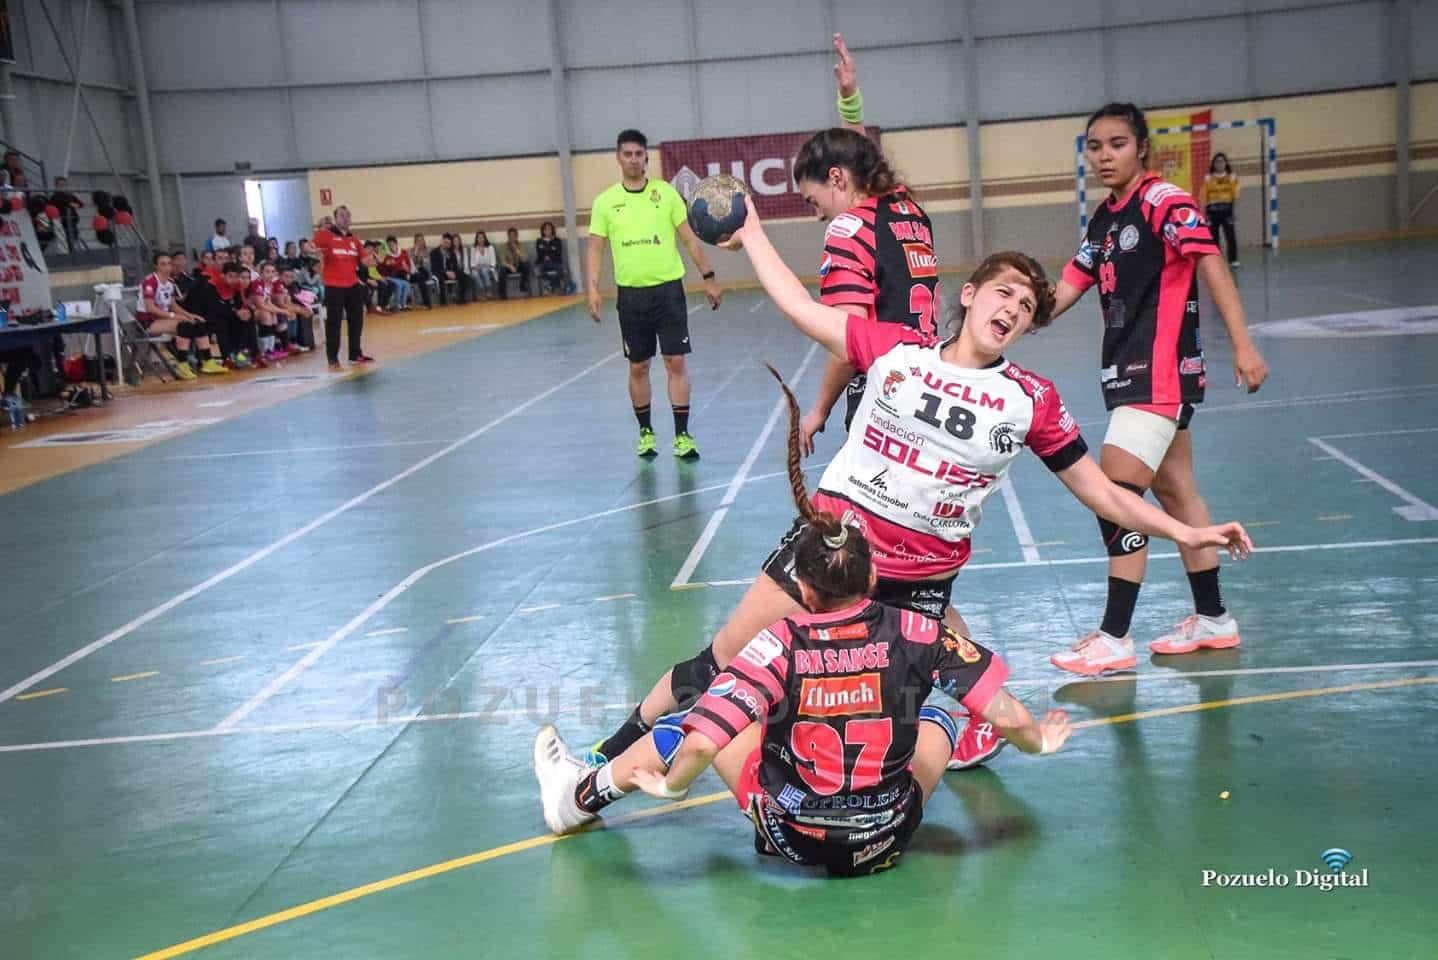 María Mercedes Ramírez del Pozo Mora mejor defensa del Sector Nacional Juvenil Femenino de balonmano celebrado en Pozuelo 2